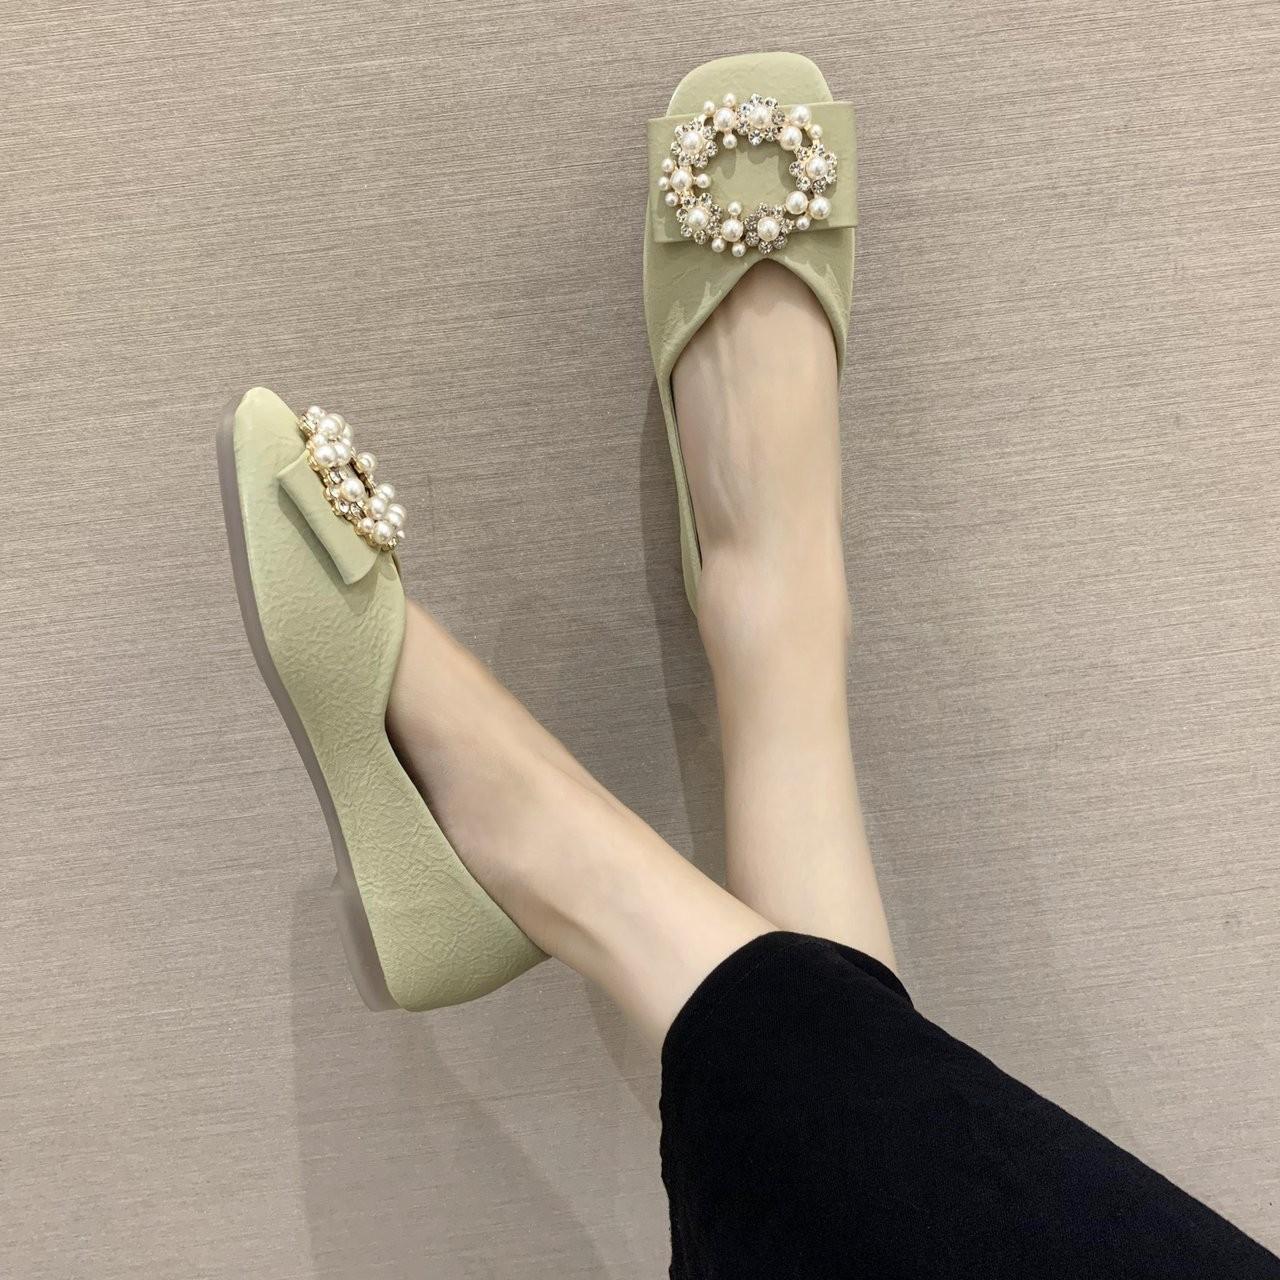 金喜轻奢女鞋百搭浅口豆豆鞋